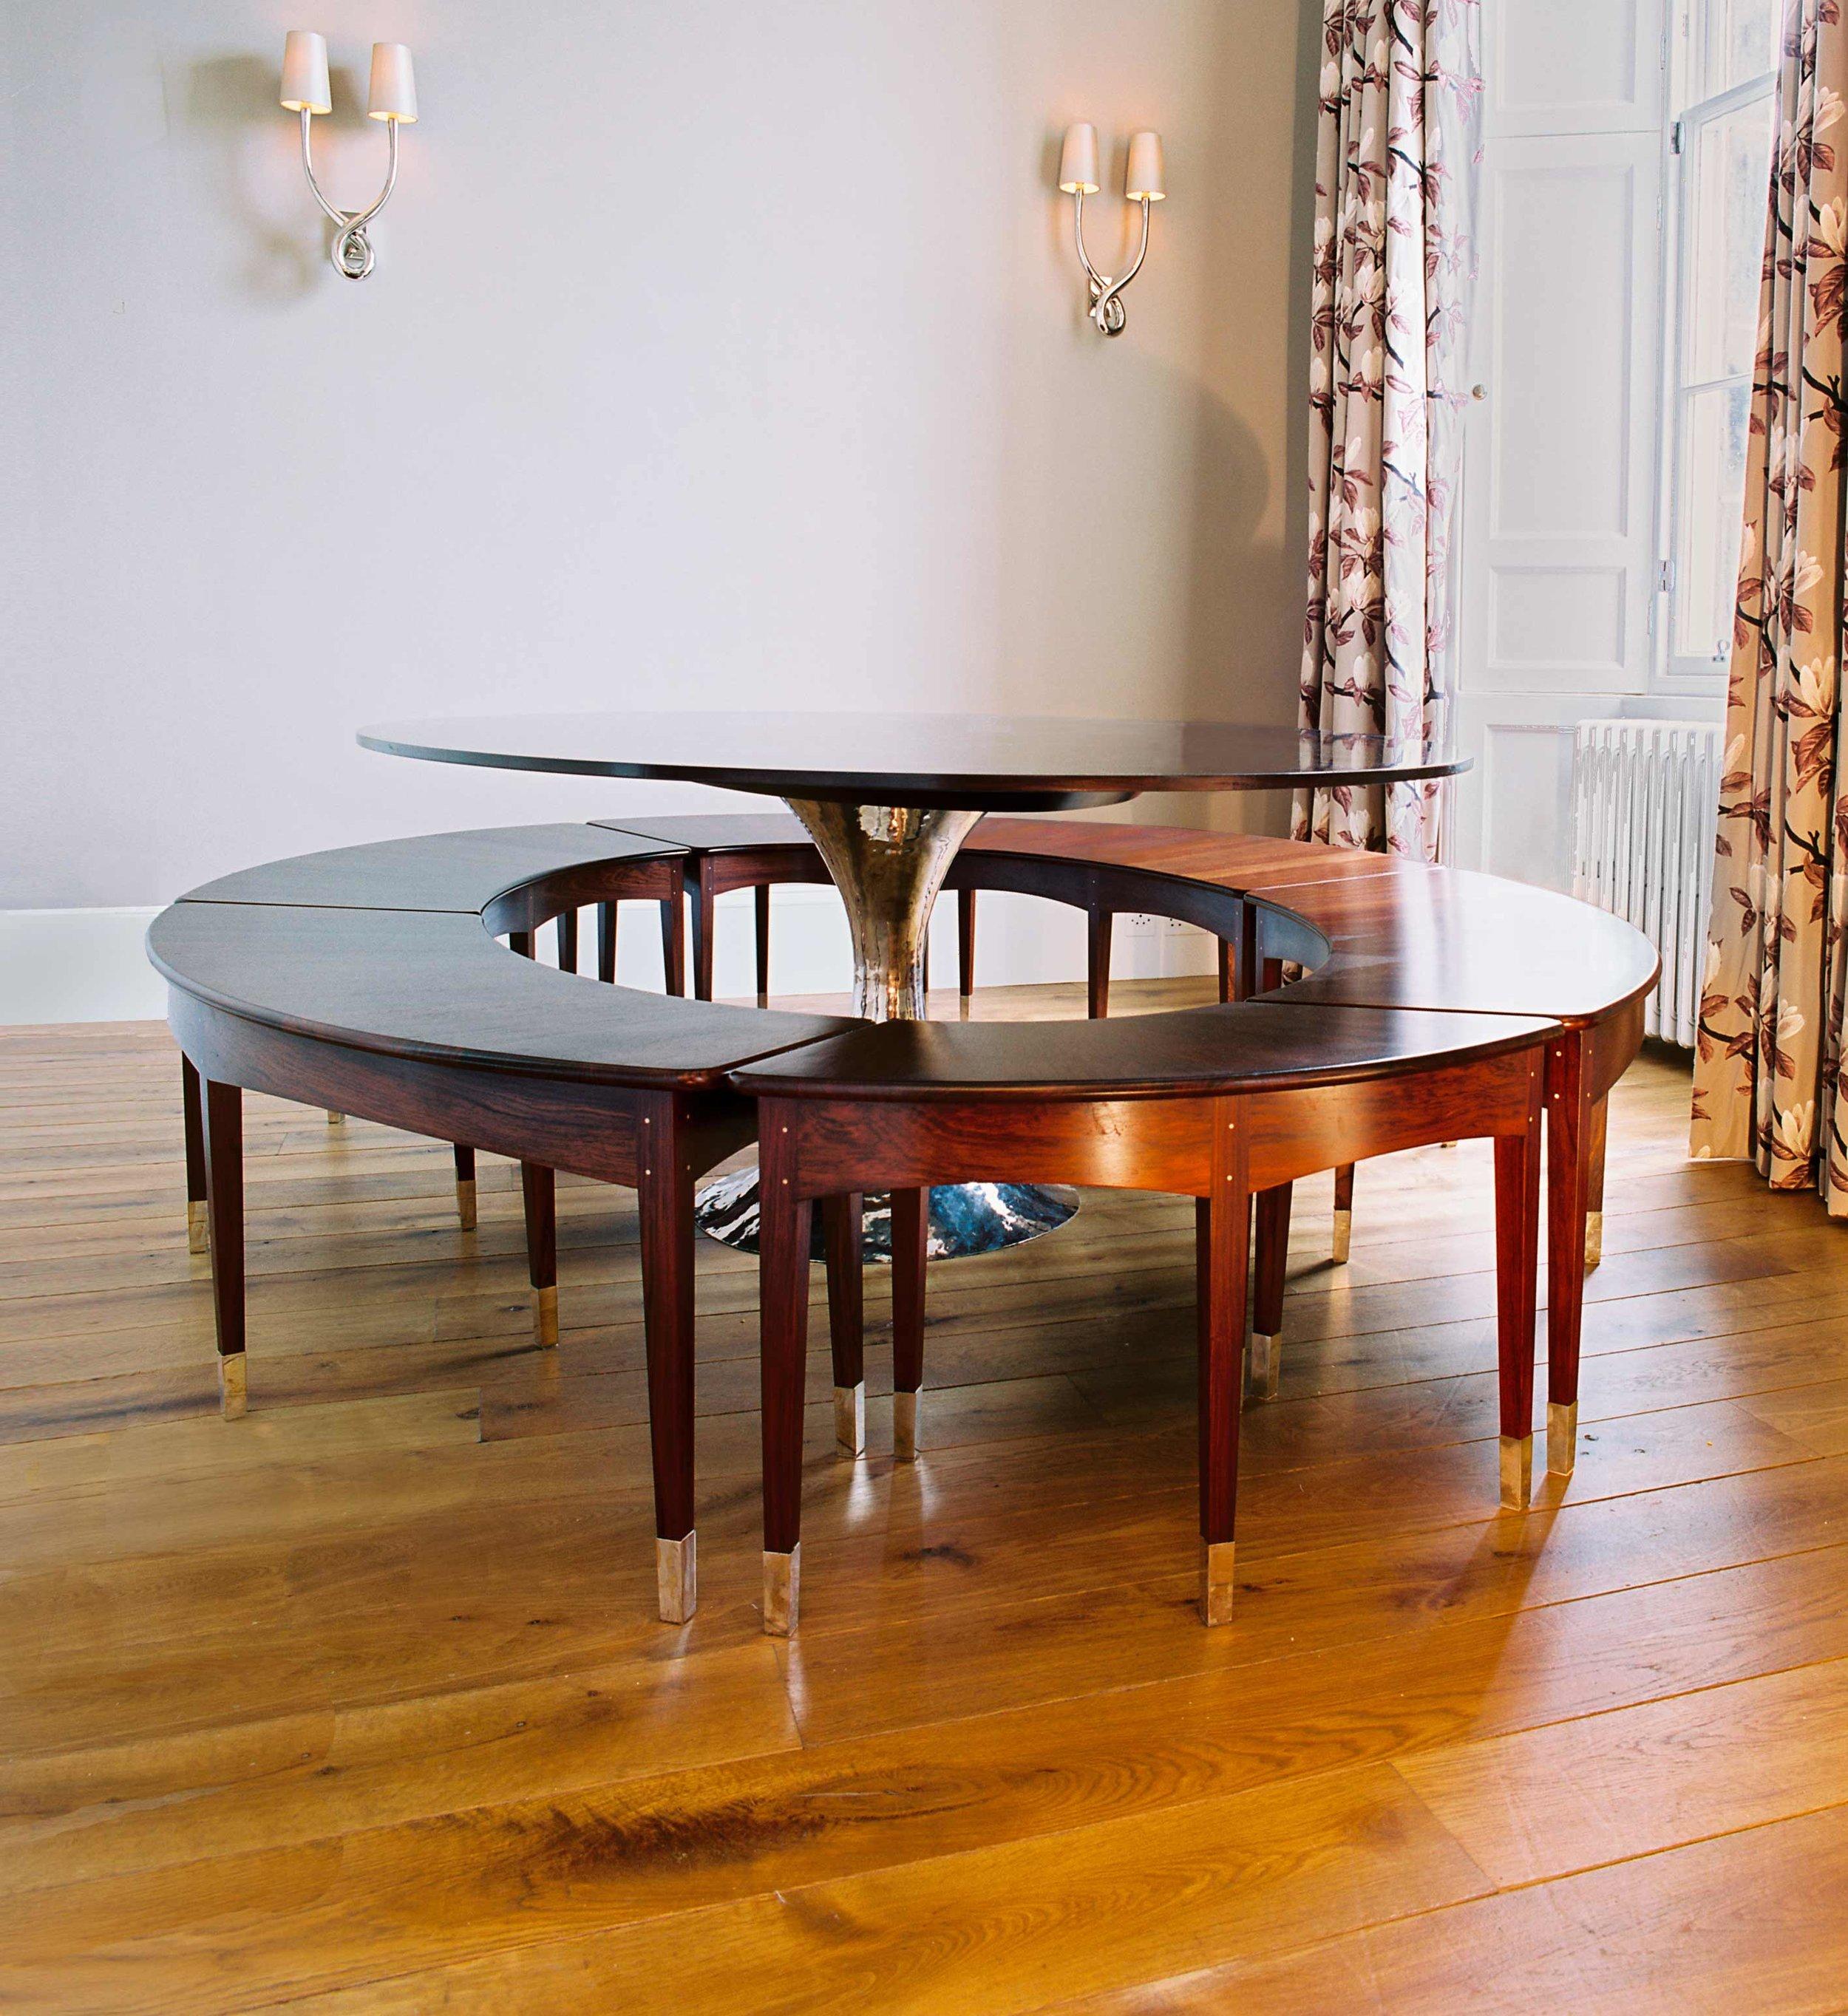 Rosewood elliptical seats and radial rosewood veneered table top, Heriot Row, Edinburgh.